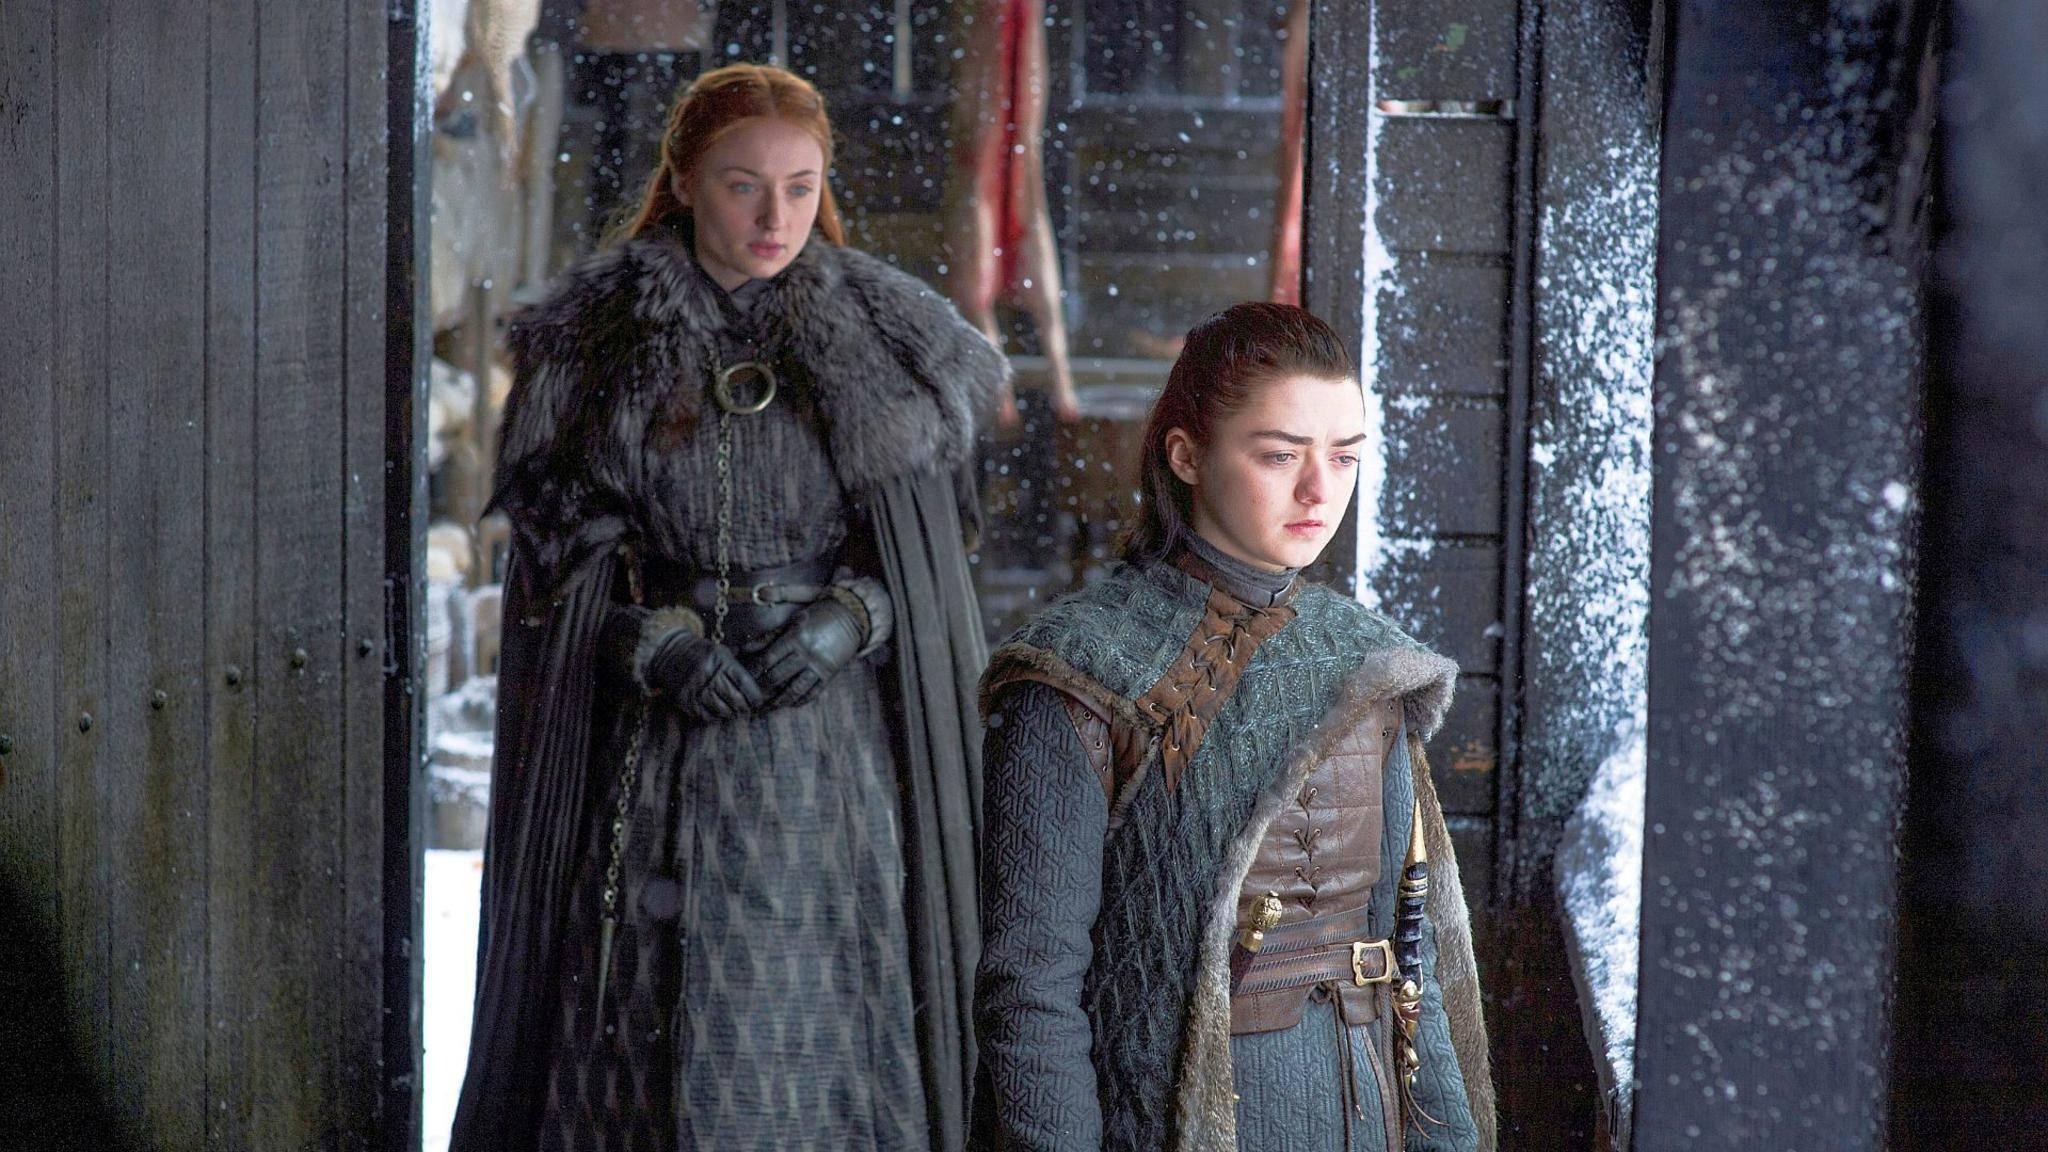 Sansa und Arya haben einen fiesen Plan ausgeheckt.